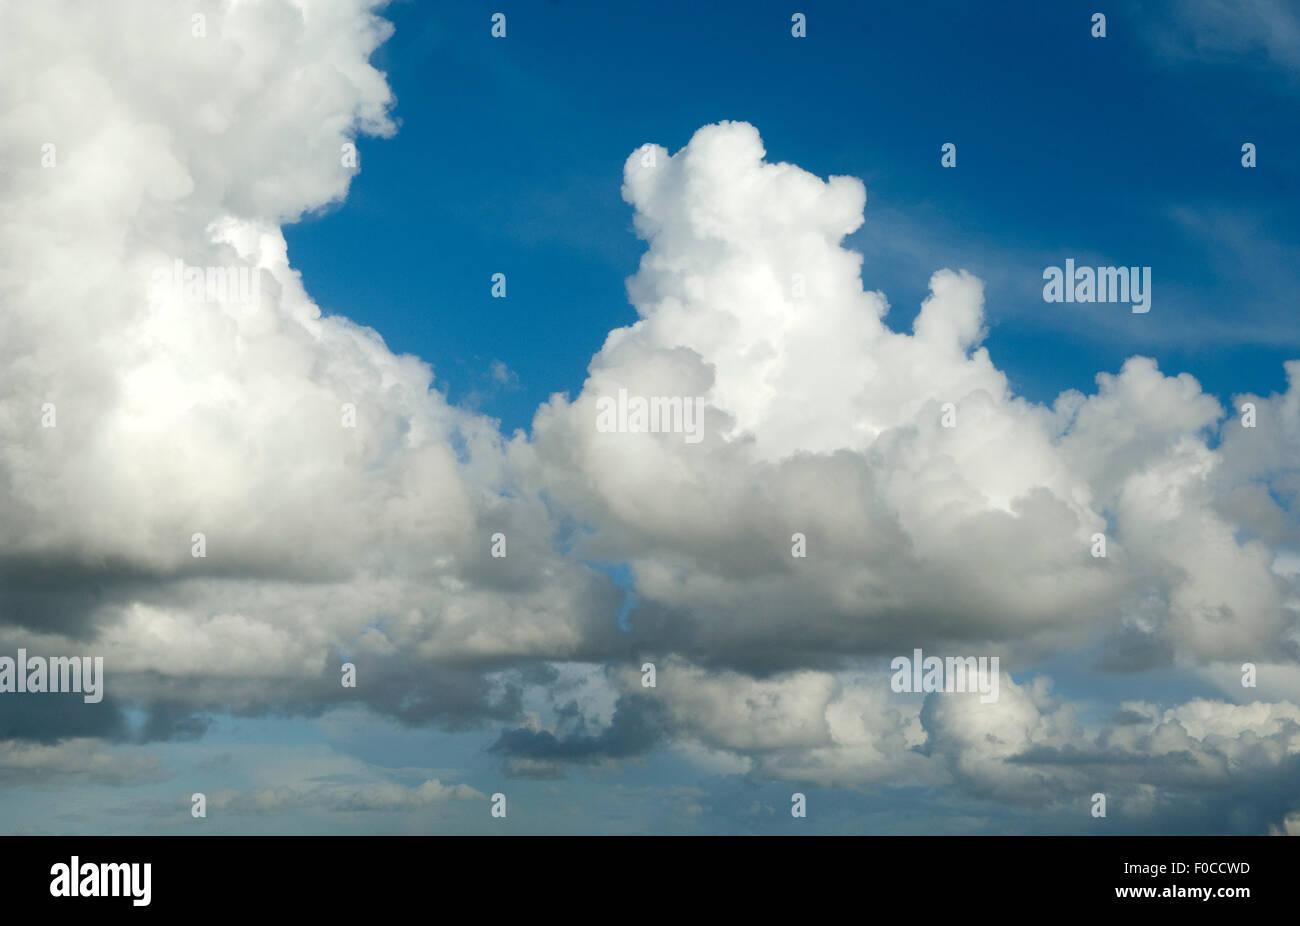 Wolken, Blau Konvektionswolken; Blauer Himmel; Stockbild